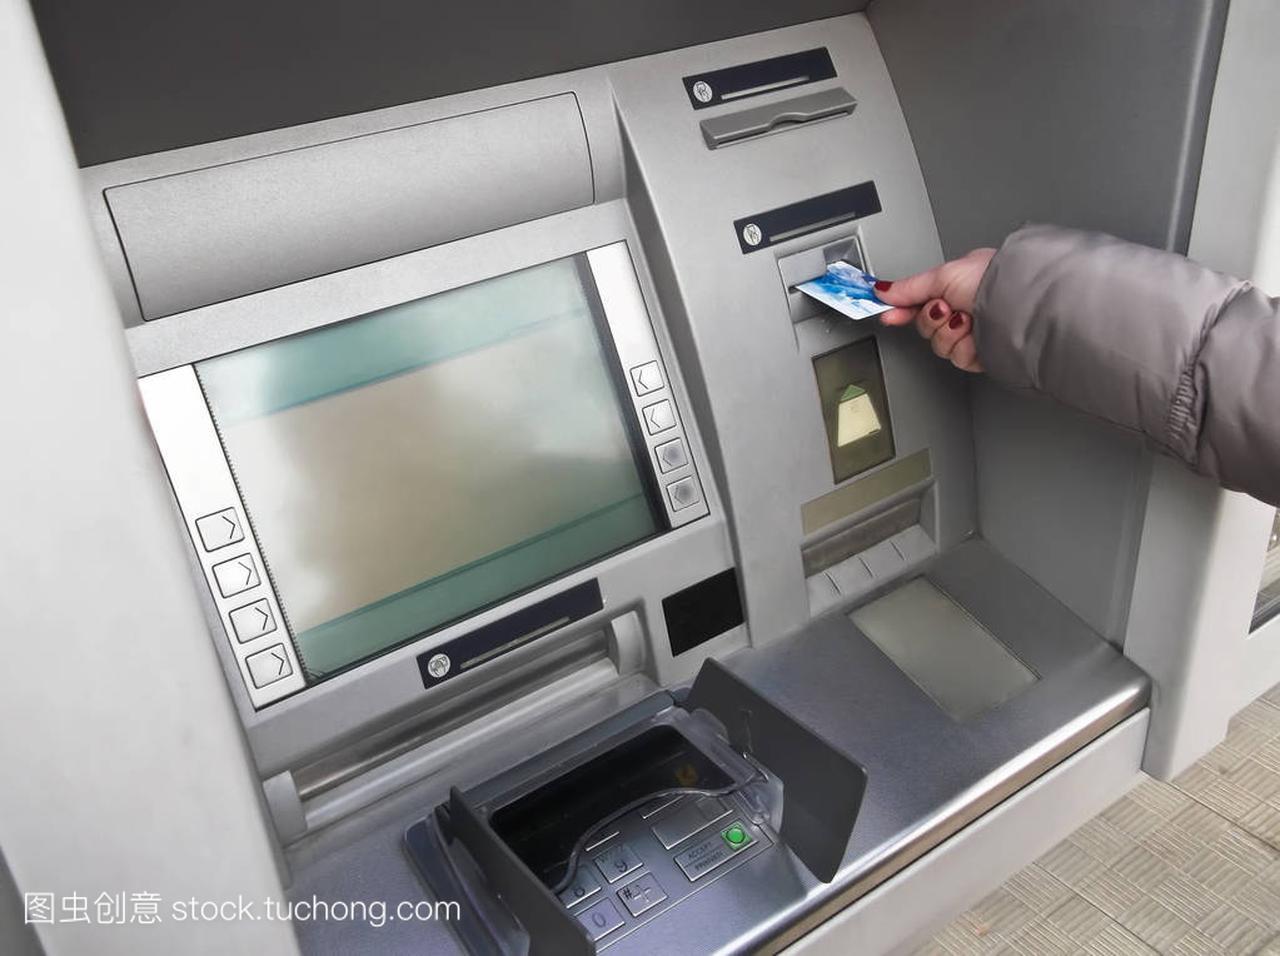 女人手Atm卡插入银行取款机取钱库教程号六图片